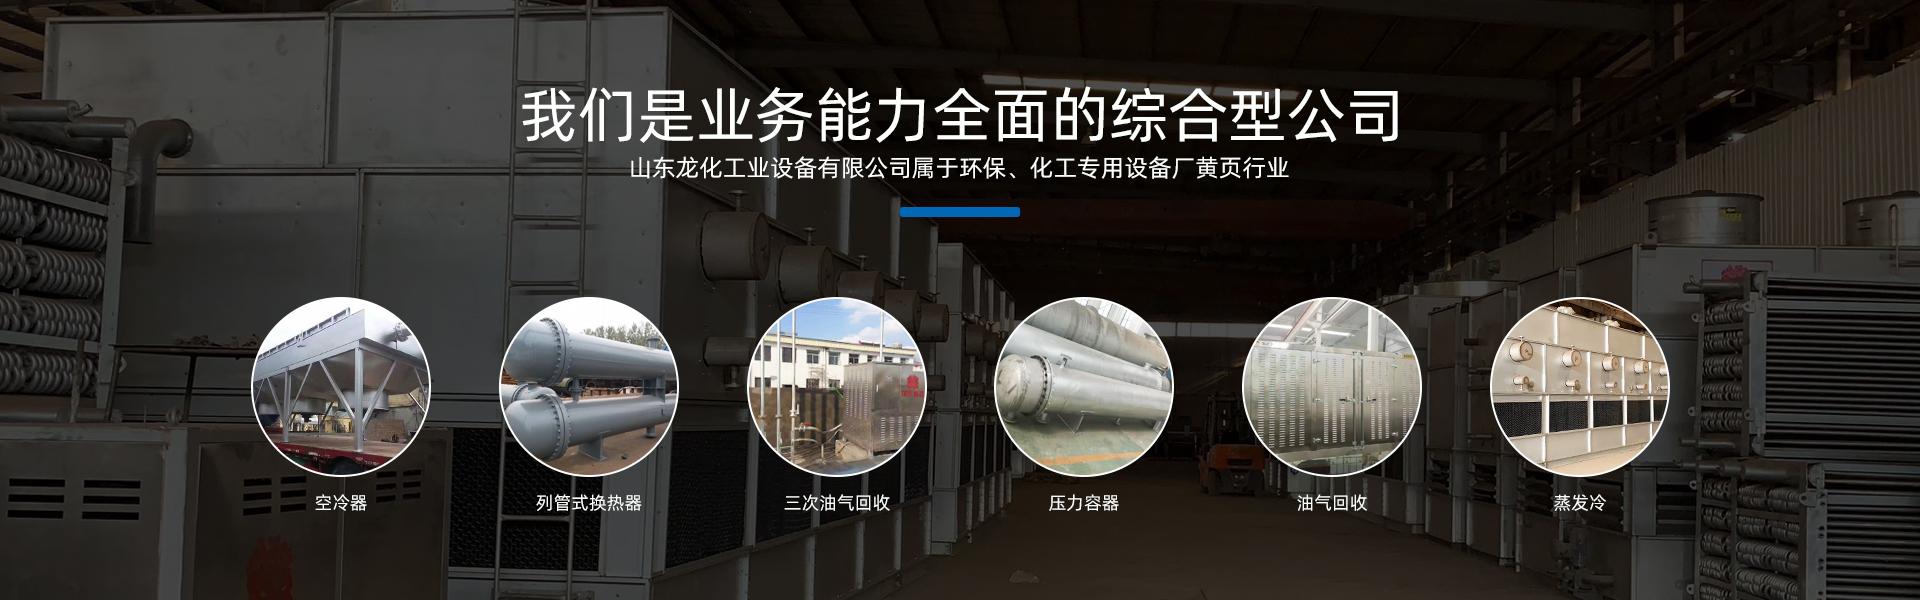 山东油气回收,蒸发冷价格,菏泽空冷器,压力容器厂家